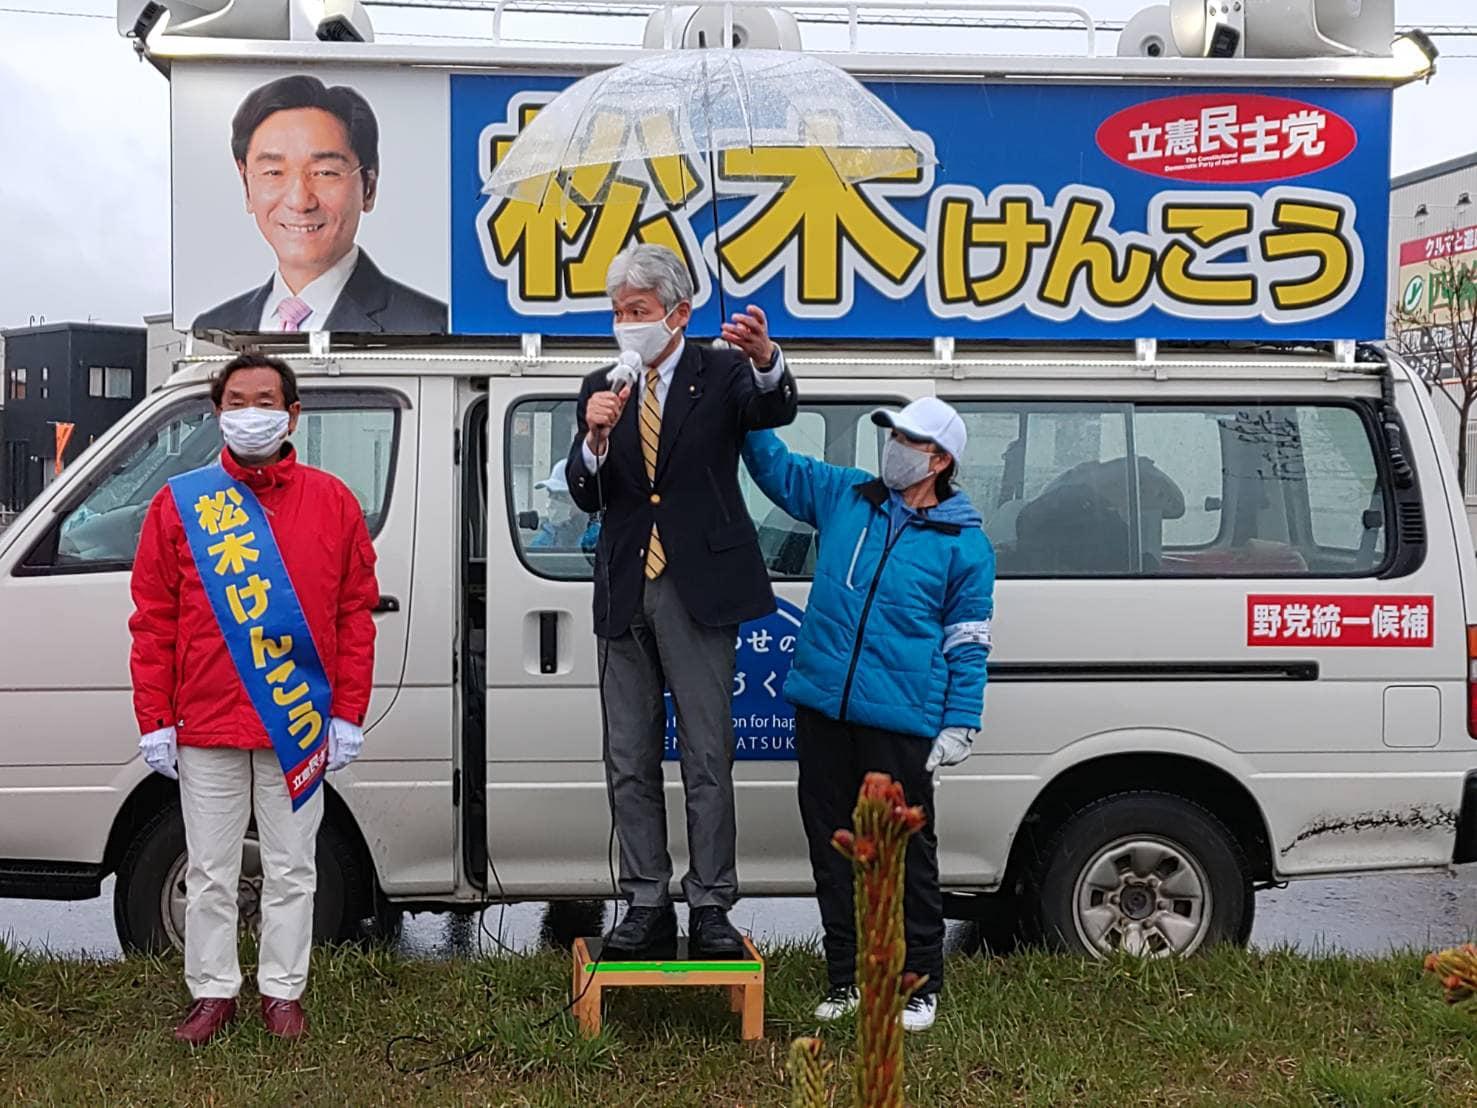 【2区補選】『松木けんこう』さんを応援しよう!=政治のながれを変える決戦の日まであと5日